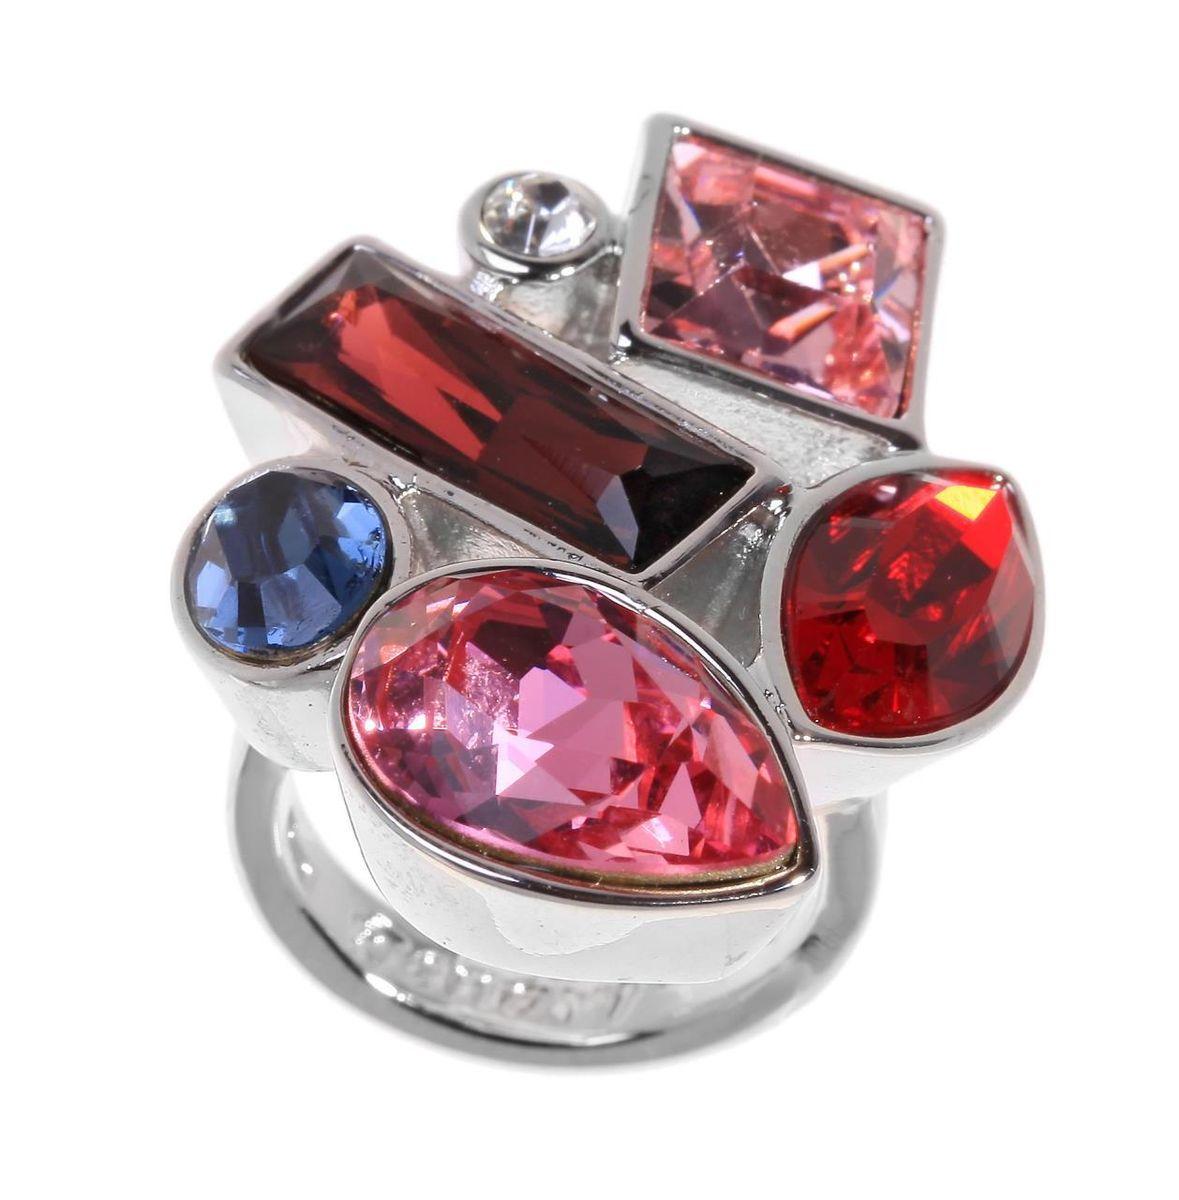 Кольцо Jenavi Коллекция Виктуар SW Элюар, цвет: серебряный, красный. r597f016. Размер 20r597f016Коллекция Виктуар SW, Элюар (Кольцо) гипоаллергенный ювелирный сплав,Серебрение c род. , вставка Кристаллы Swarovski , цвет - серебряный, красный, размер - 20 избегать взаимодействия с водой и химическими средствами